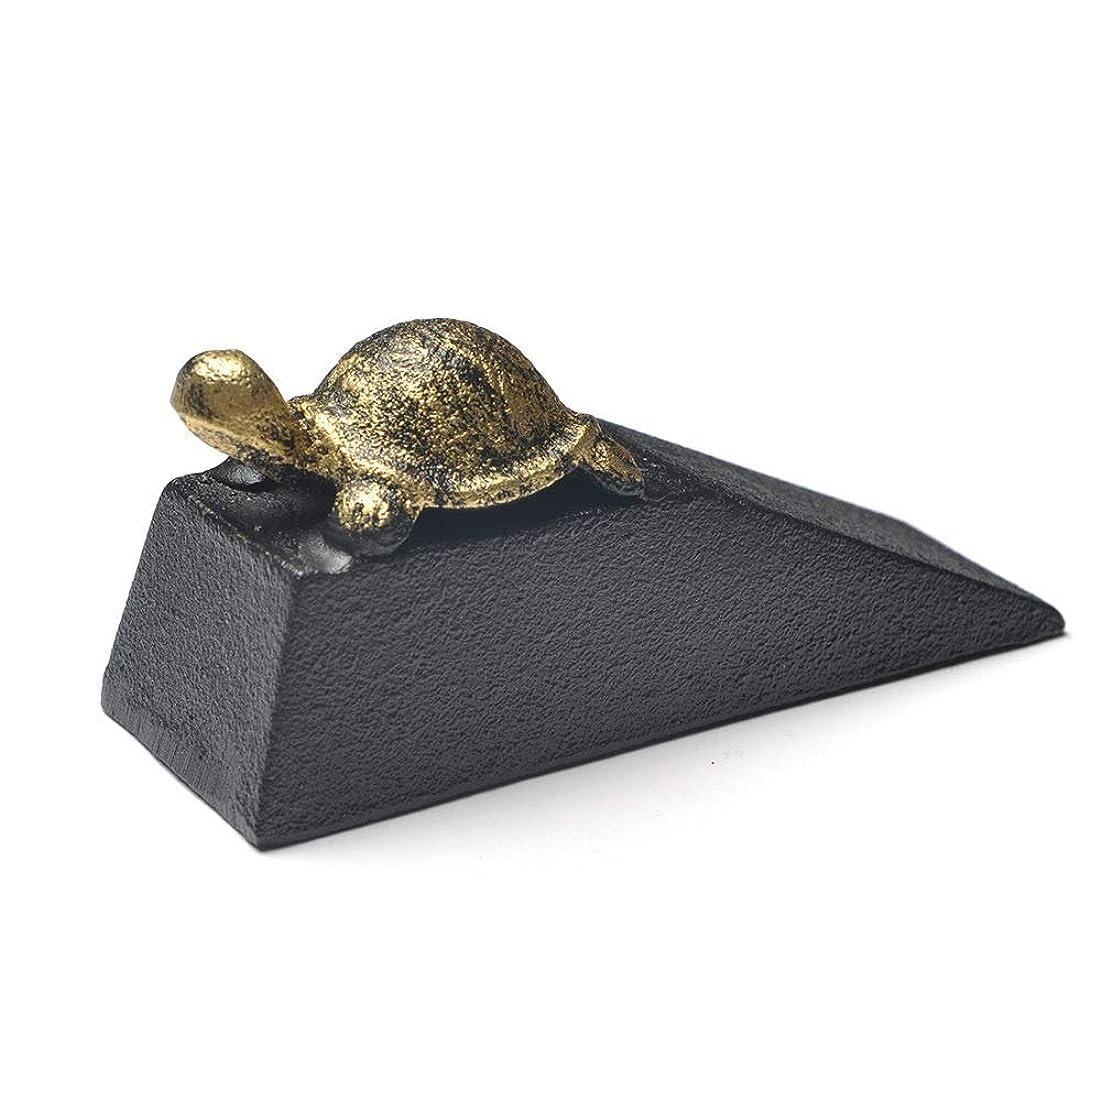 常識おなじみのトランクドアストッパー 鋳鉄ゴールド亀ドアストッパーヘビー防風ドアウェッジカメ装飾ドアストップ 装飾 (Color : Black, Size : 13.5X7X4CM)